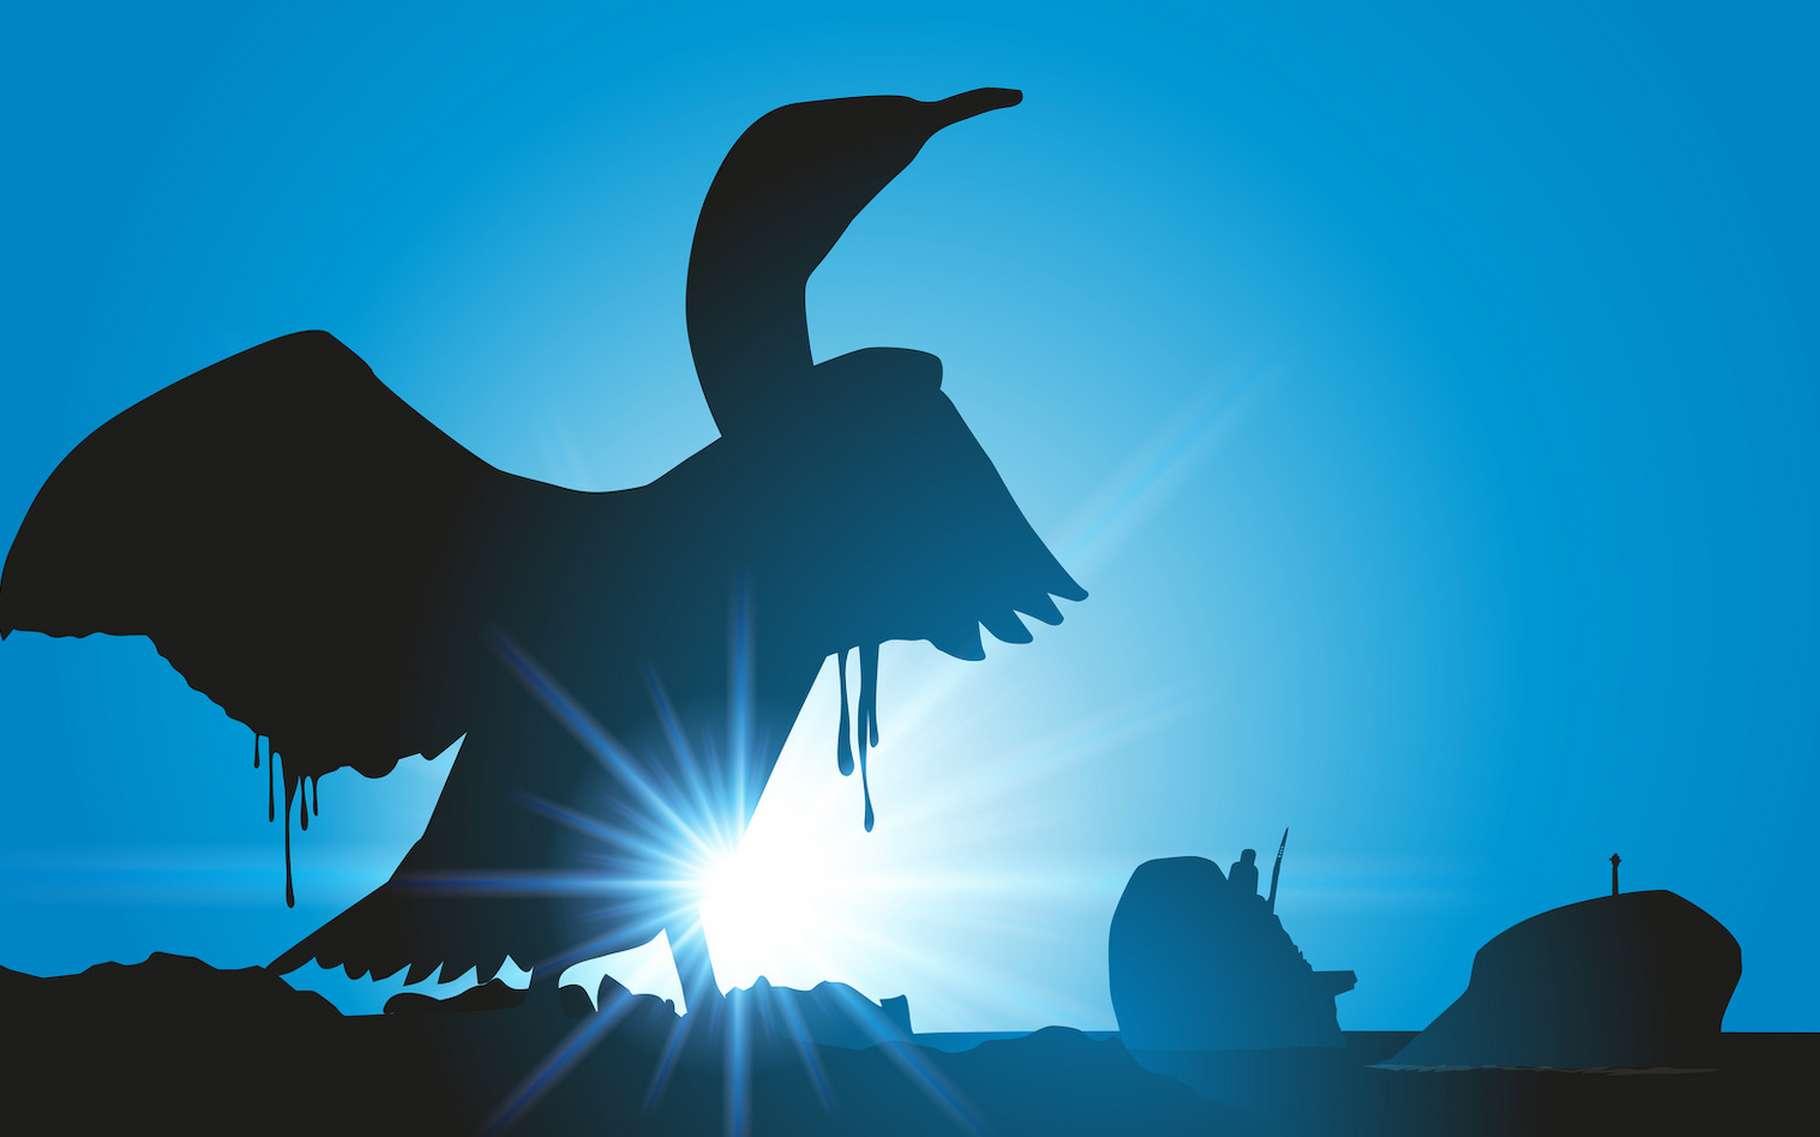 Démazouter un oiseau est une procédure longue et délicate et si certains doutent de son efficacité et prônent l'euthanasie, d'autres croient en leurs efforts et qualifient l'euthanasie systématique de solution de facilité. © pict rider, Fotolia